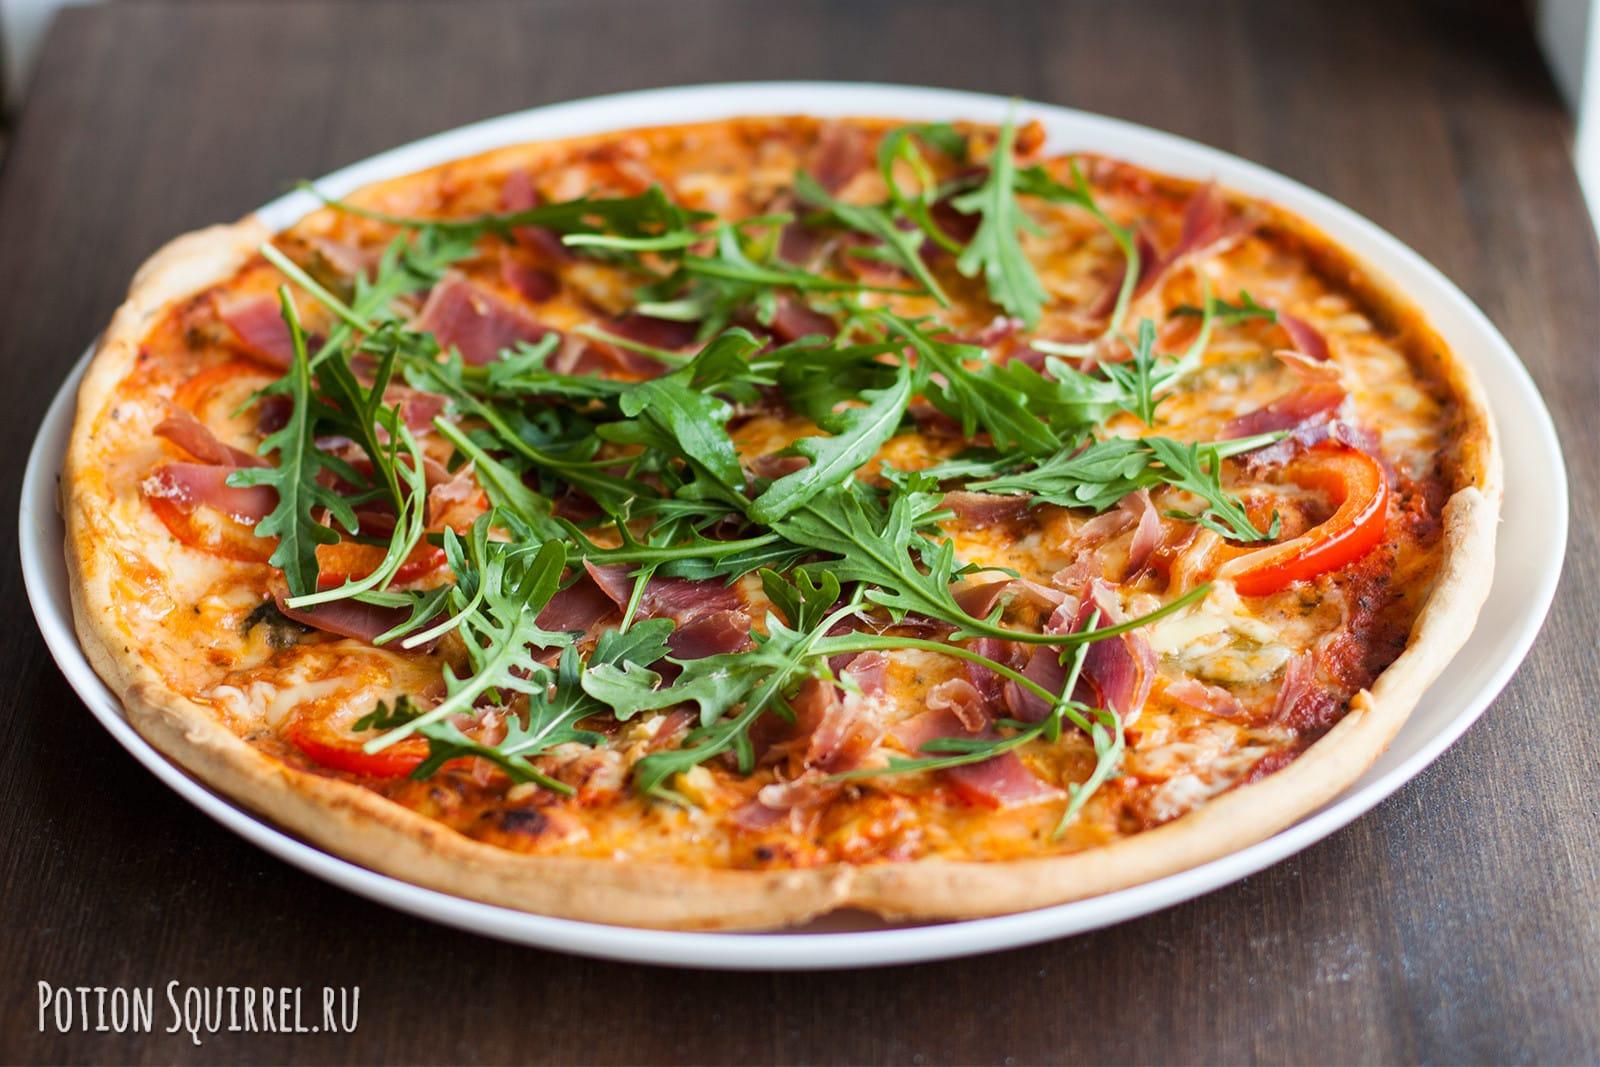 Пицца с козьим сыром, прошутто и рукколой - рецепт пошаговый с фото